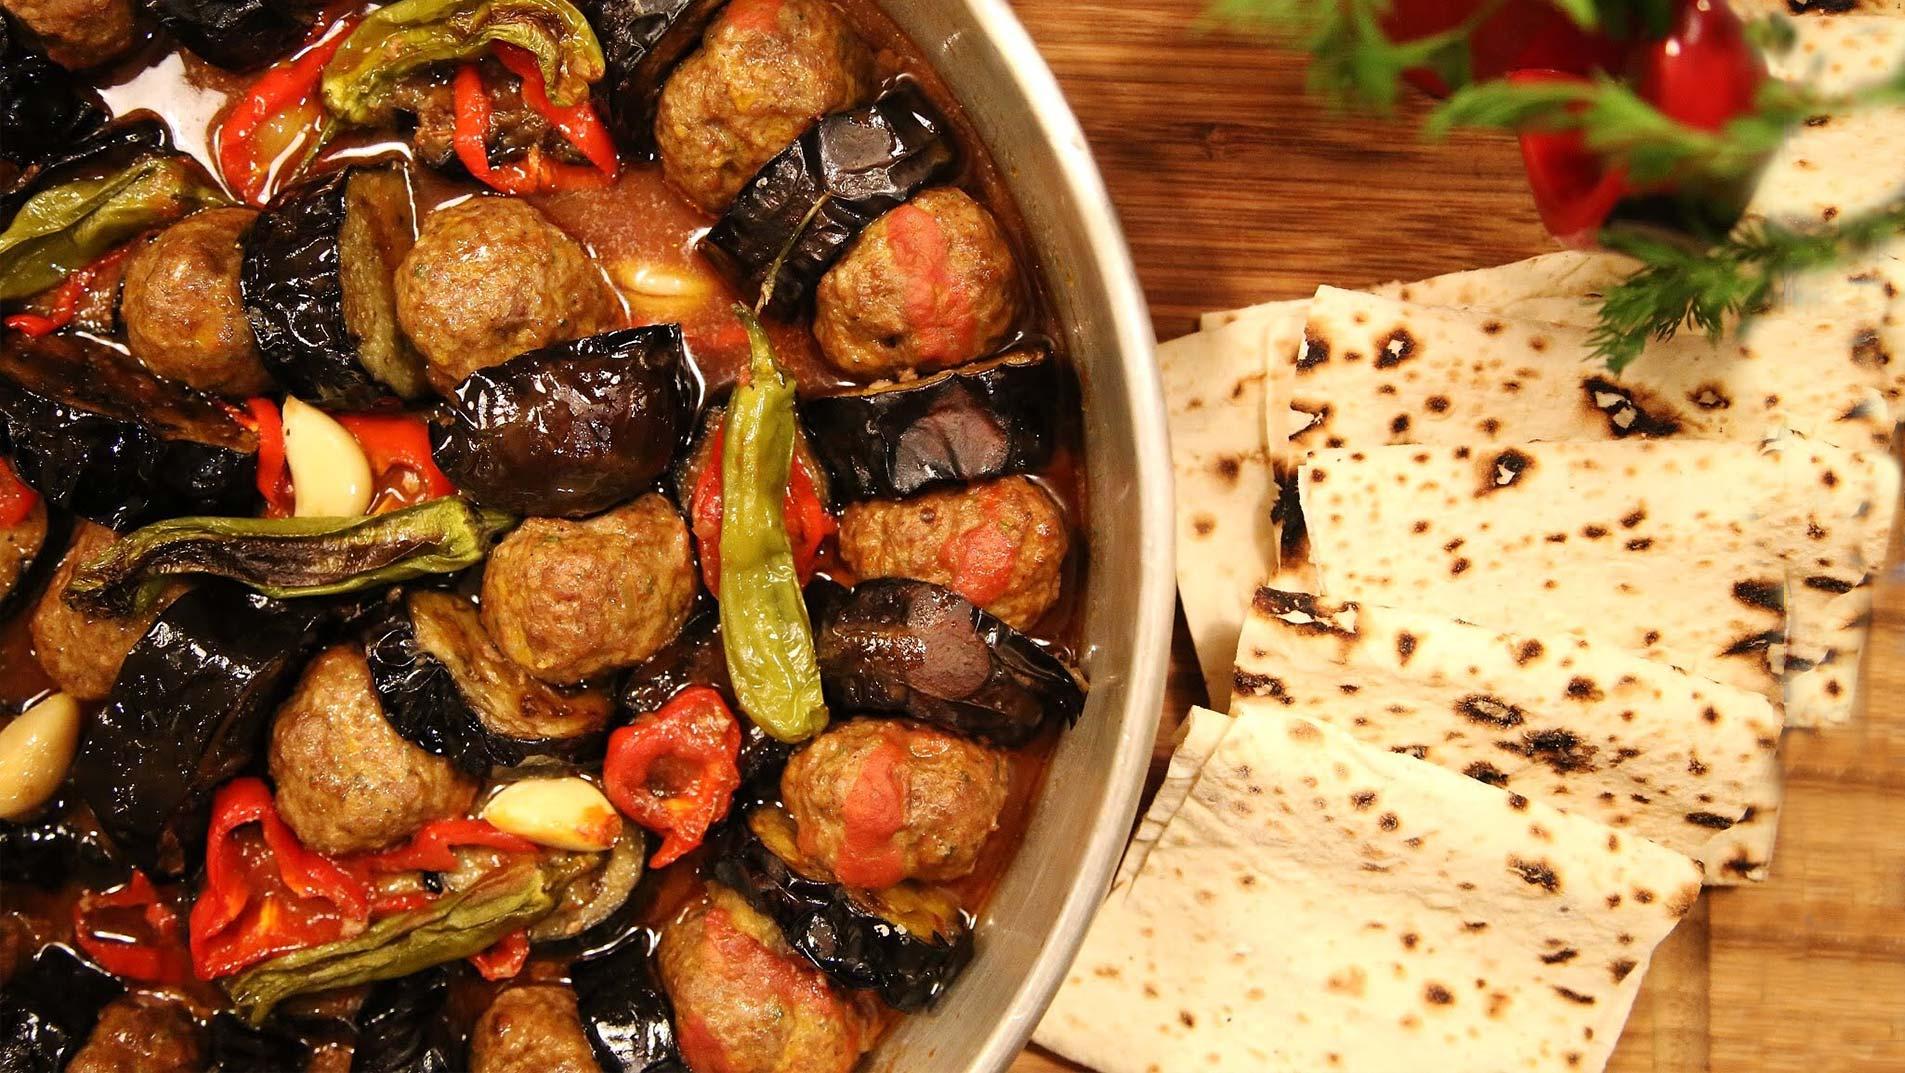 غذاهای ارمنستان ، طعمهایی با ریشه در تاریخ و فرهنگ این سرزمین